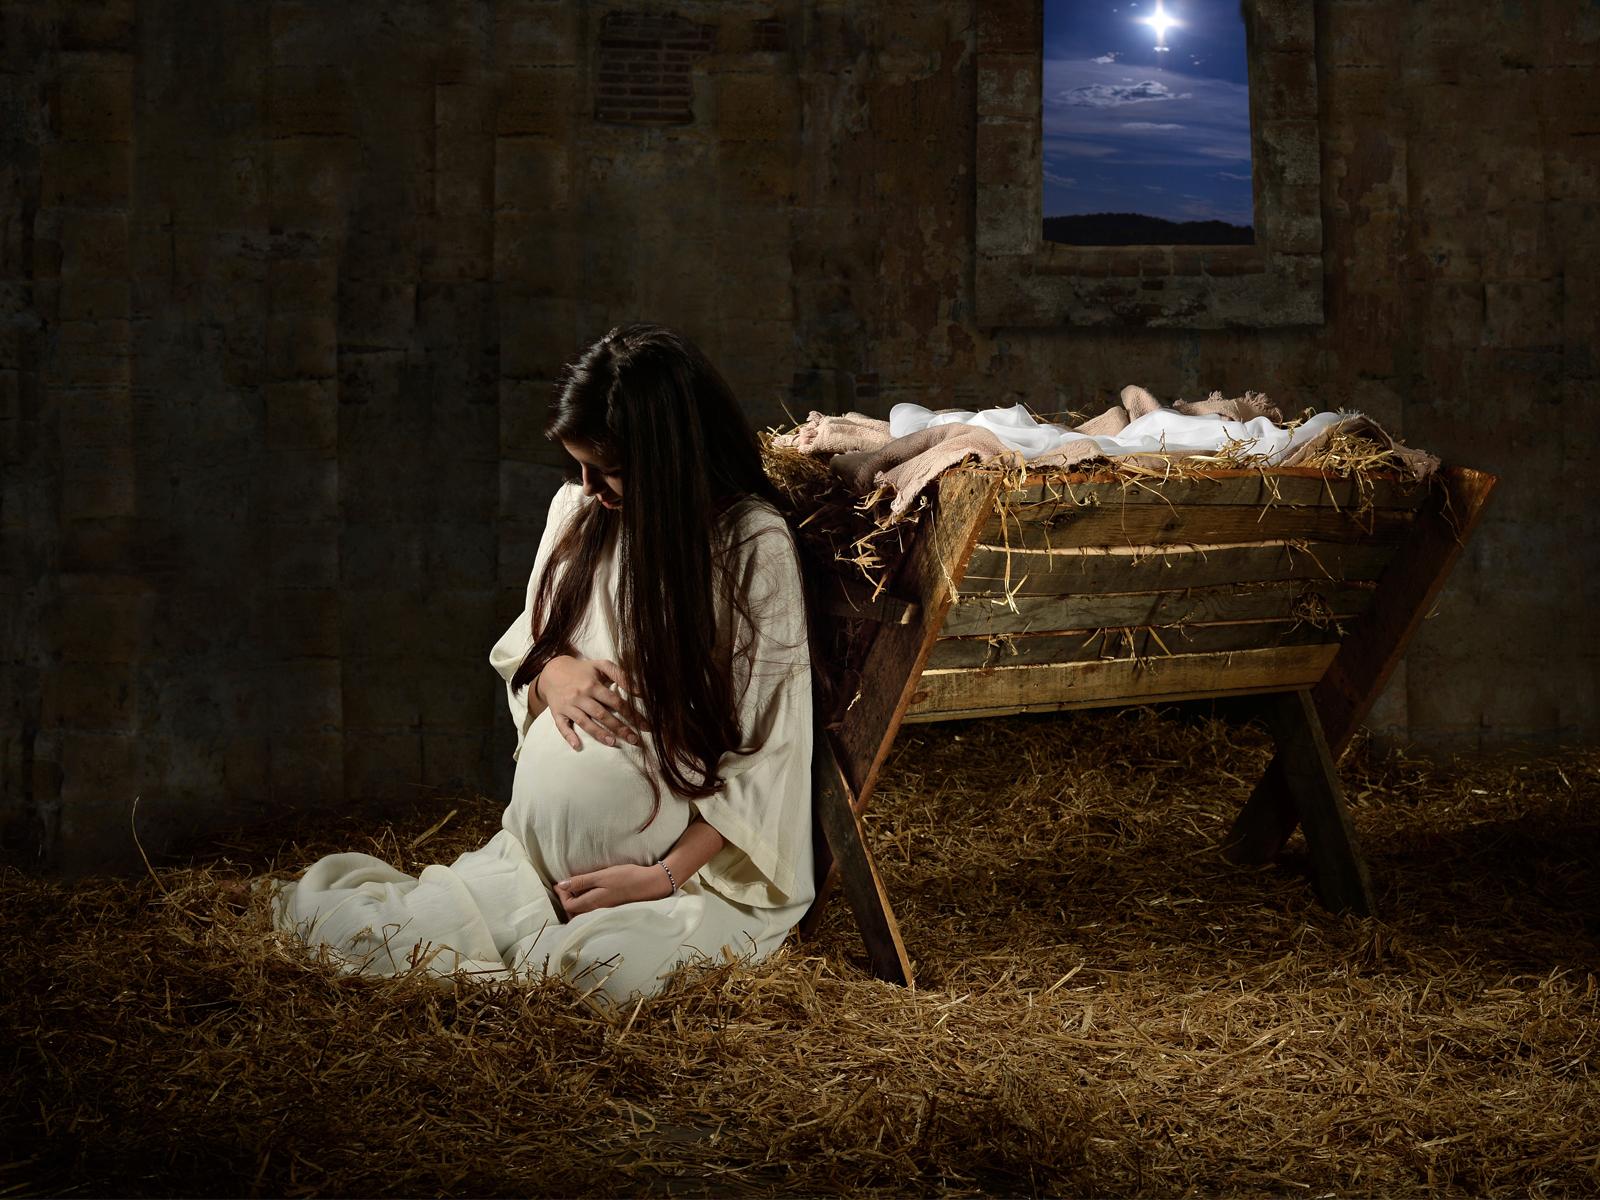 O Mundo Inteiro Espera A Resposta De Maria: O Motivo Que Nos Faz Celebrar O Natal